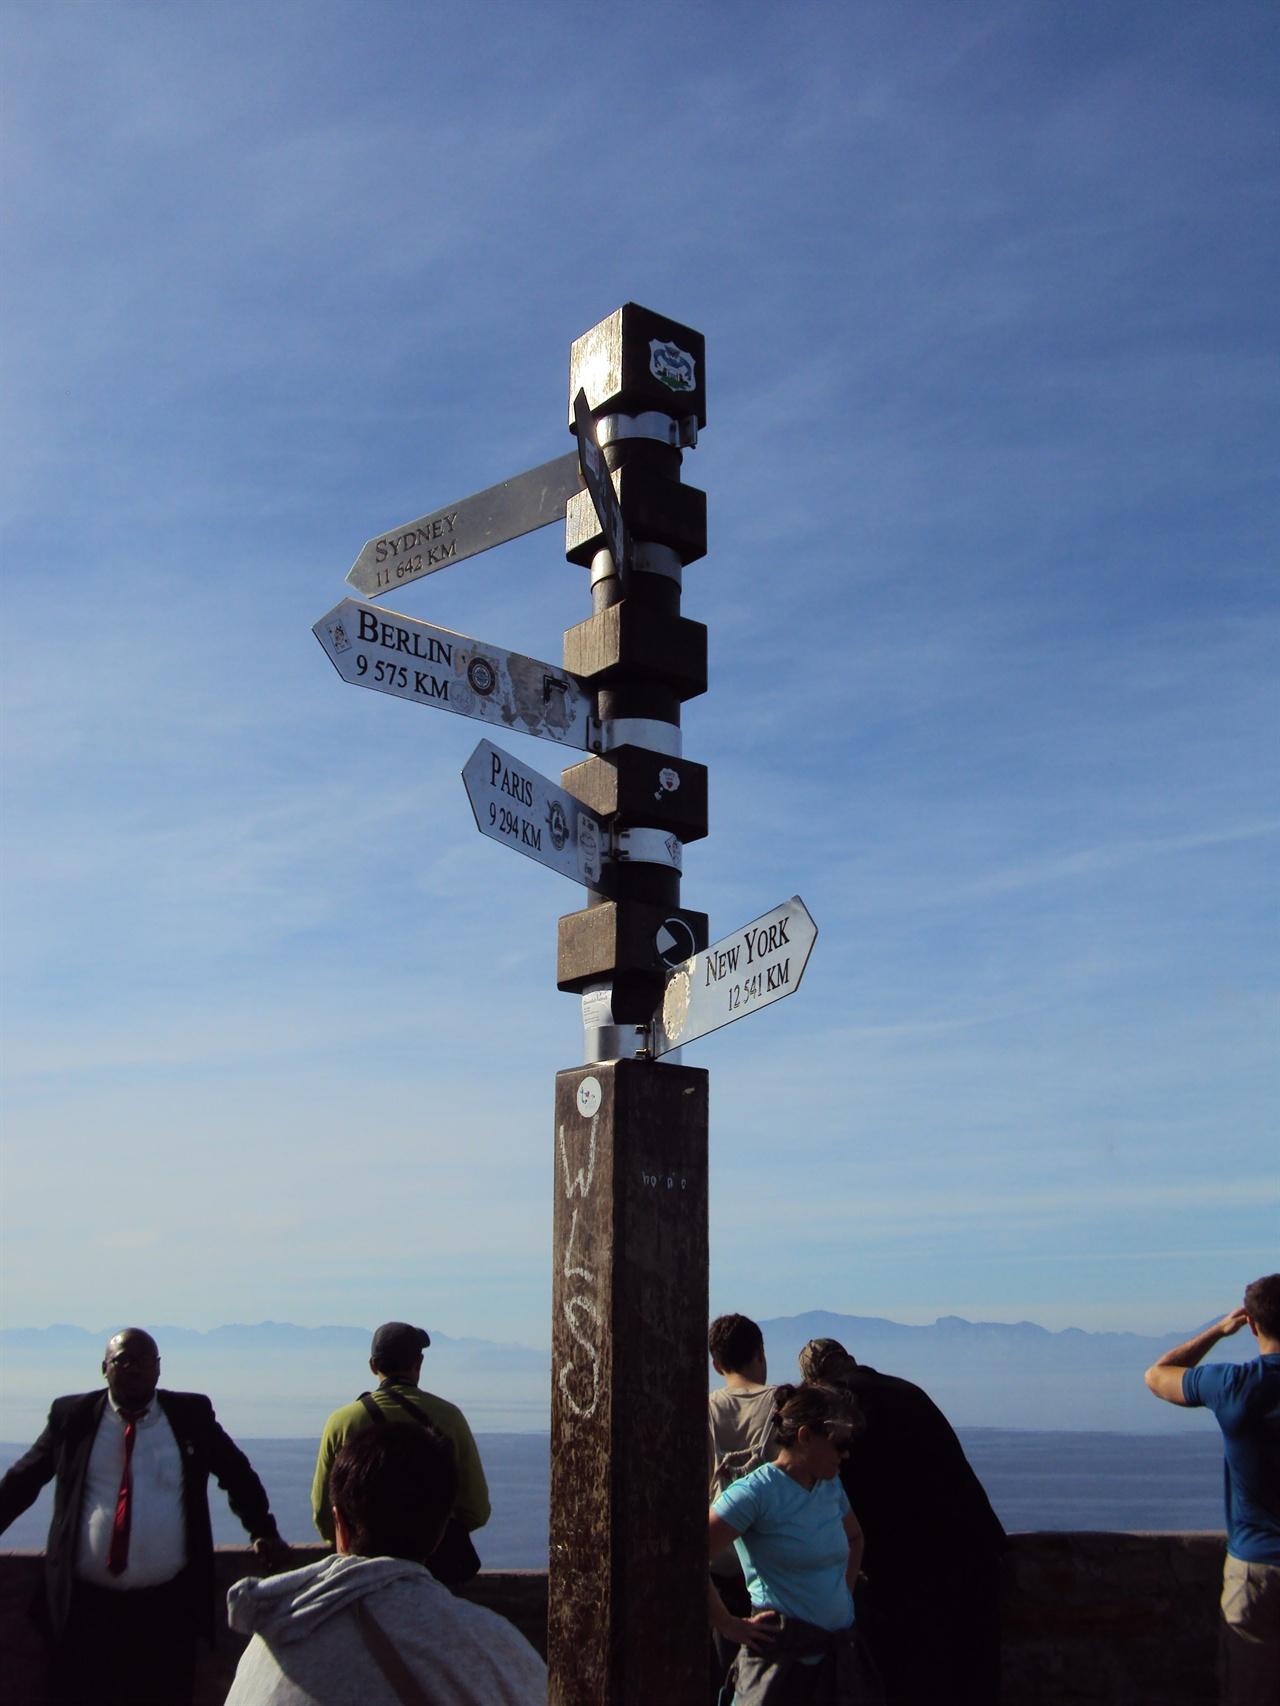 케이프포인트 등대 정상에 서 있는 세계주요도시까지의 거리를 표시한 이정표